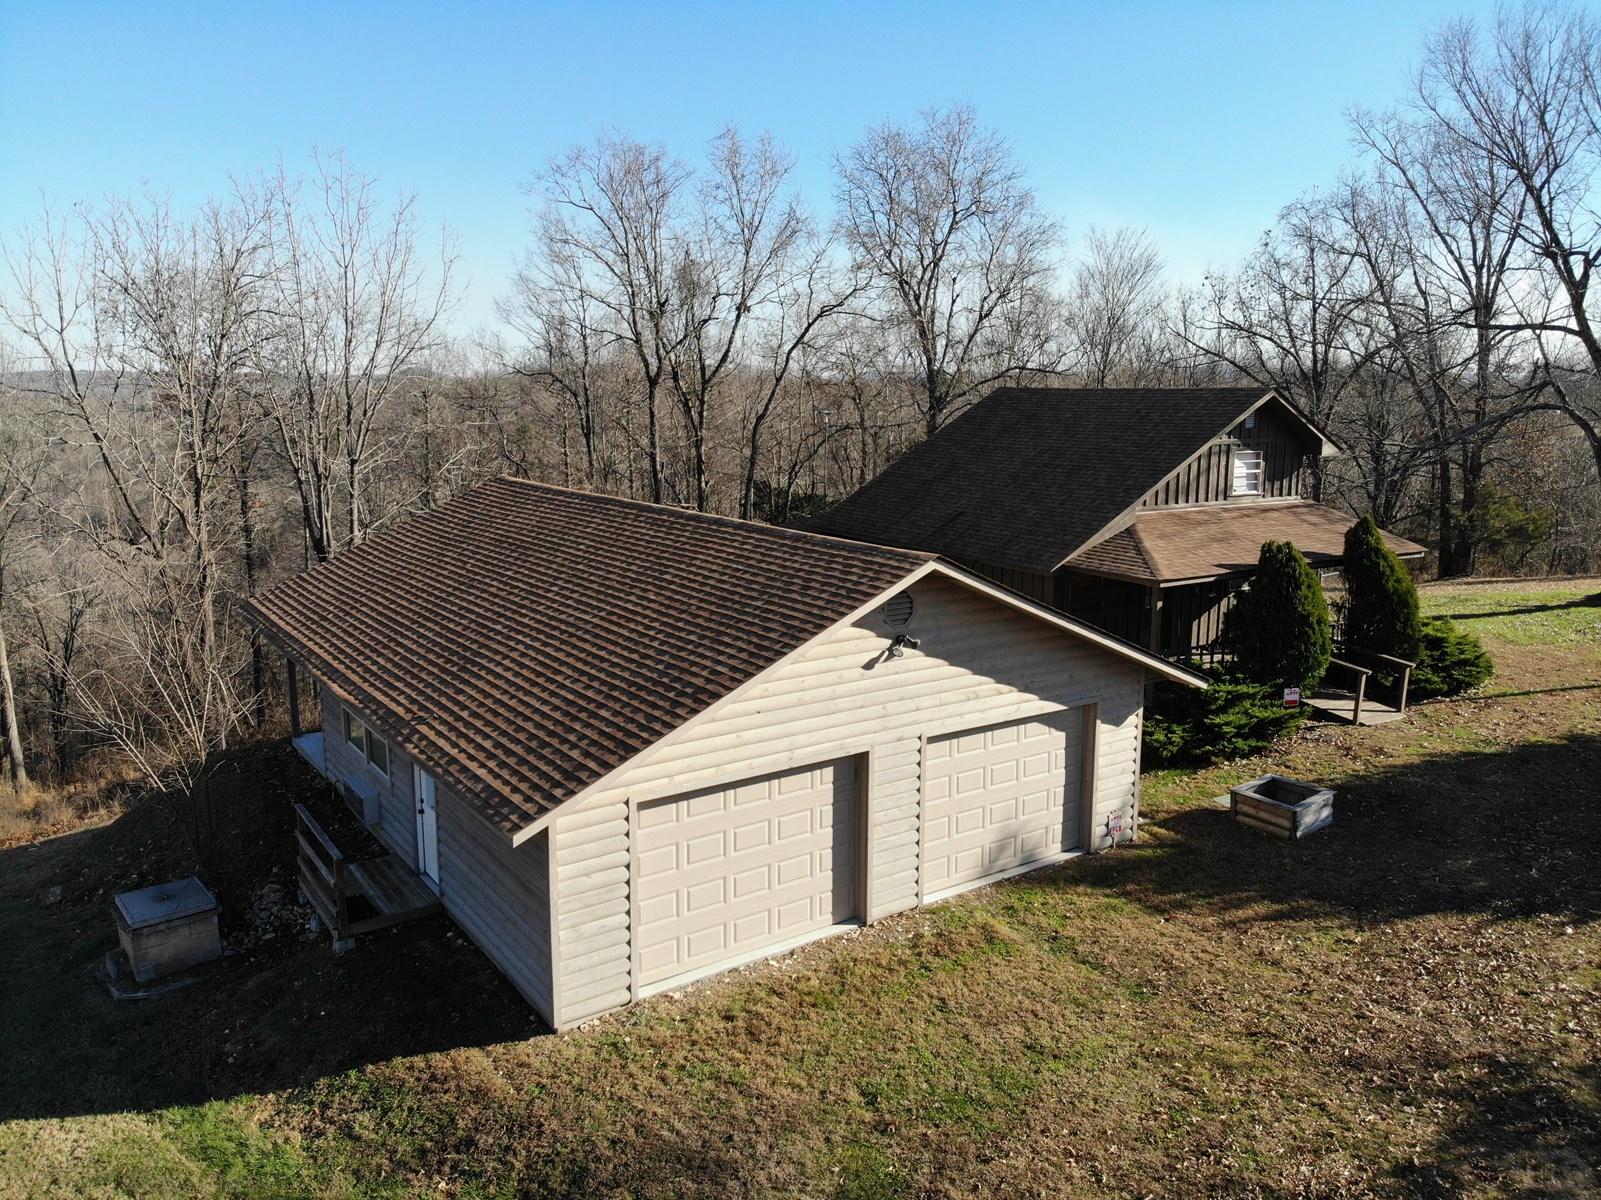 Arkansas Cabins for Sale Near Buffalo National River